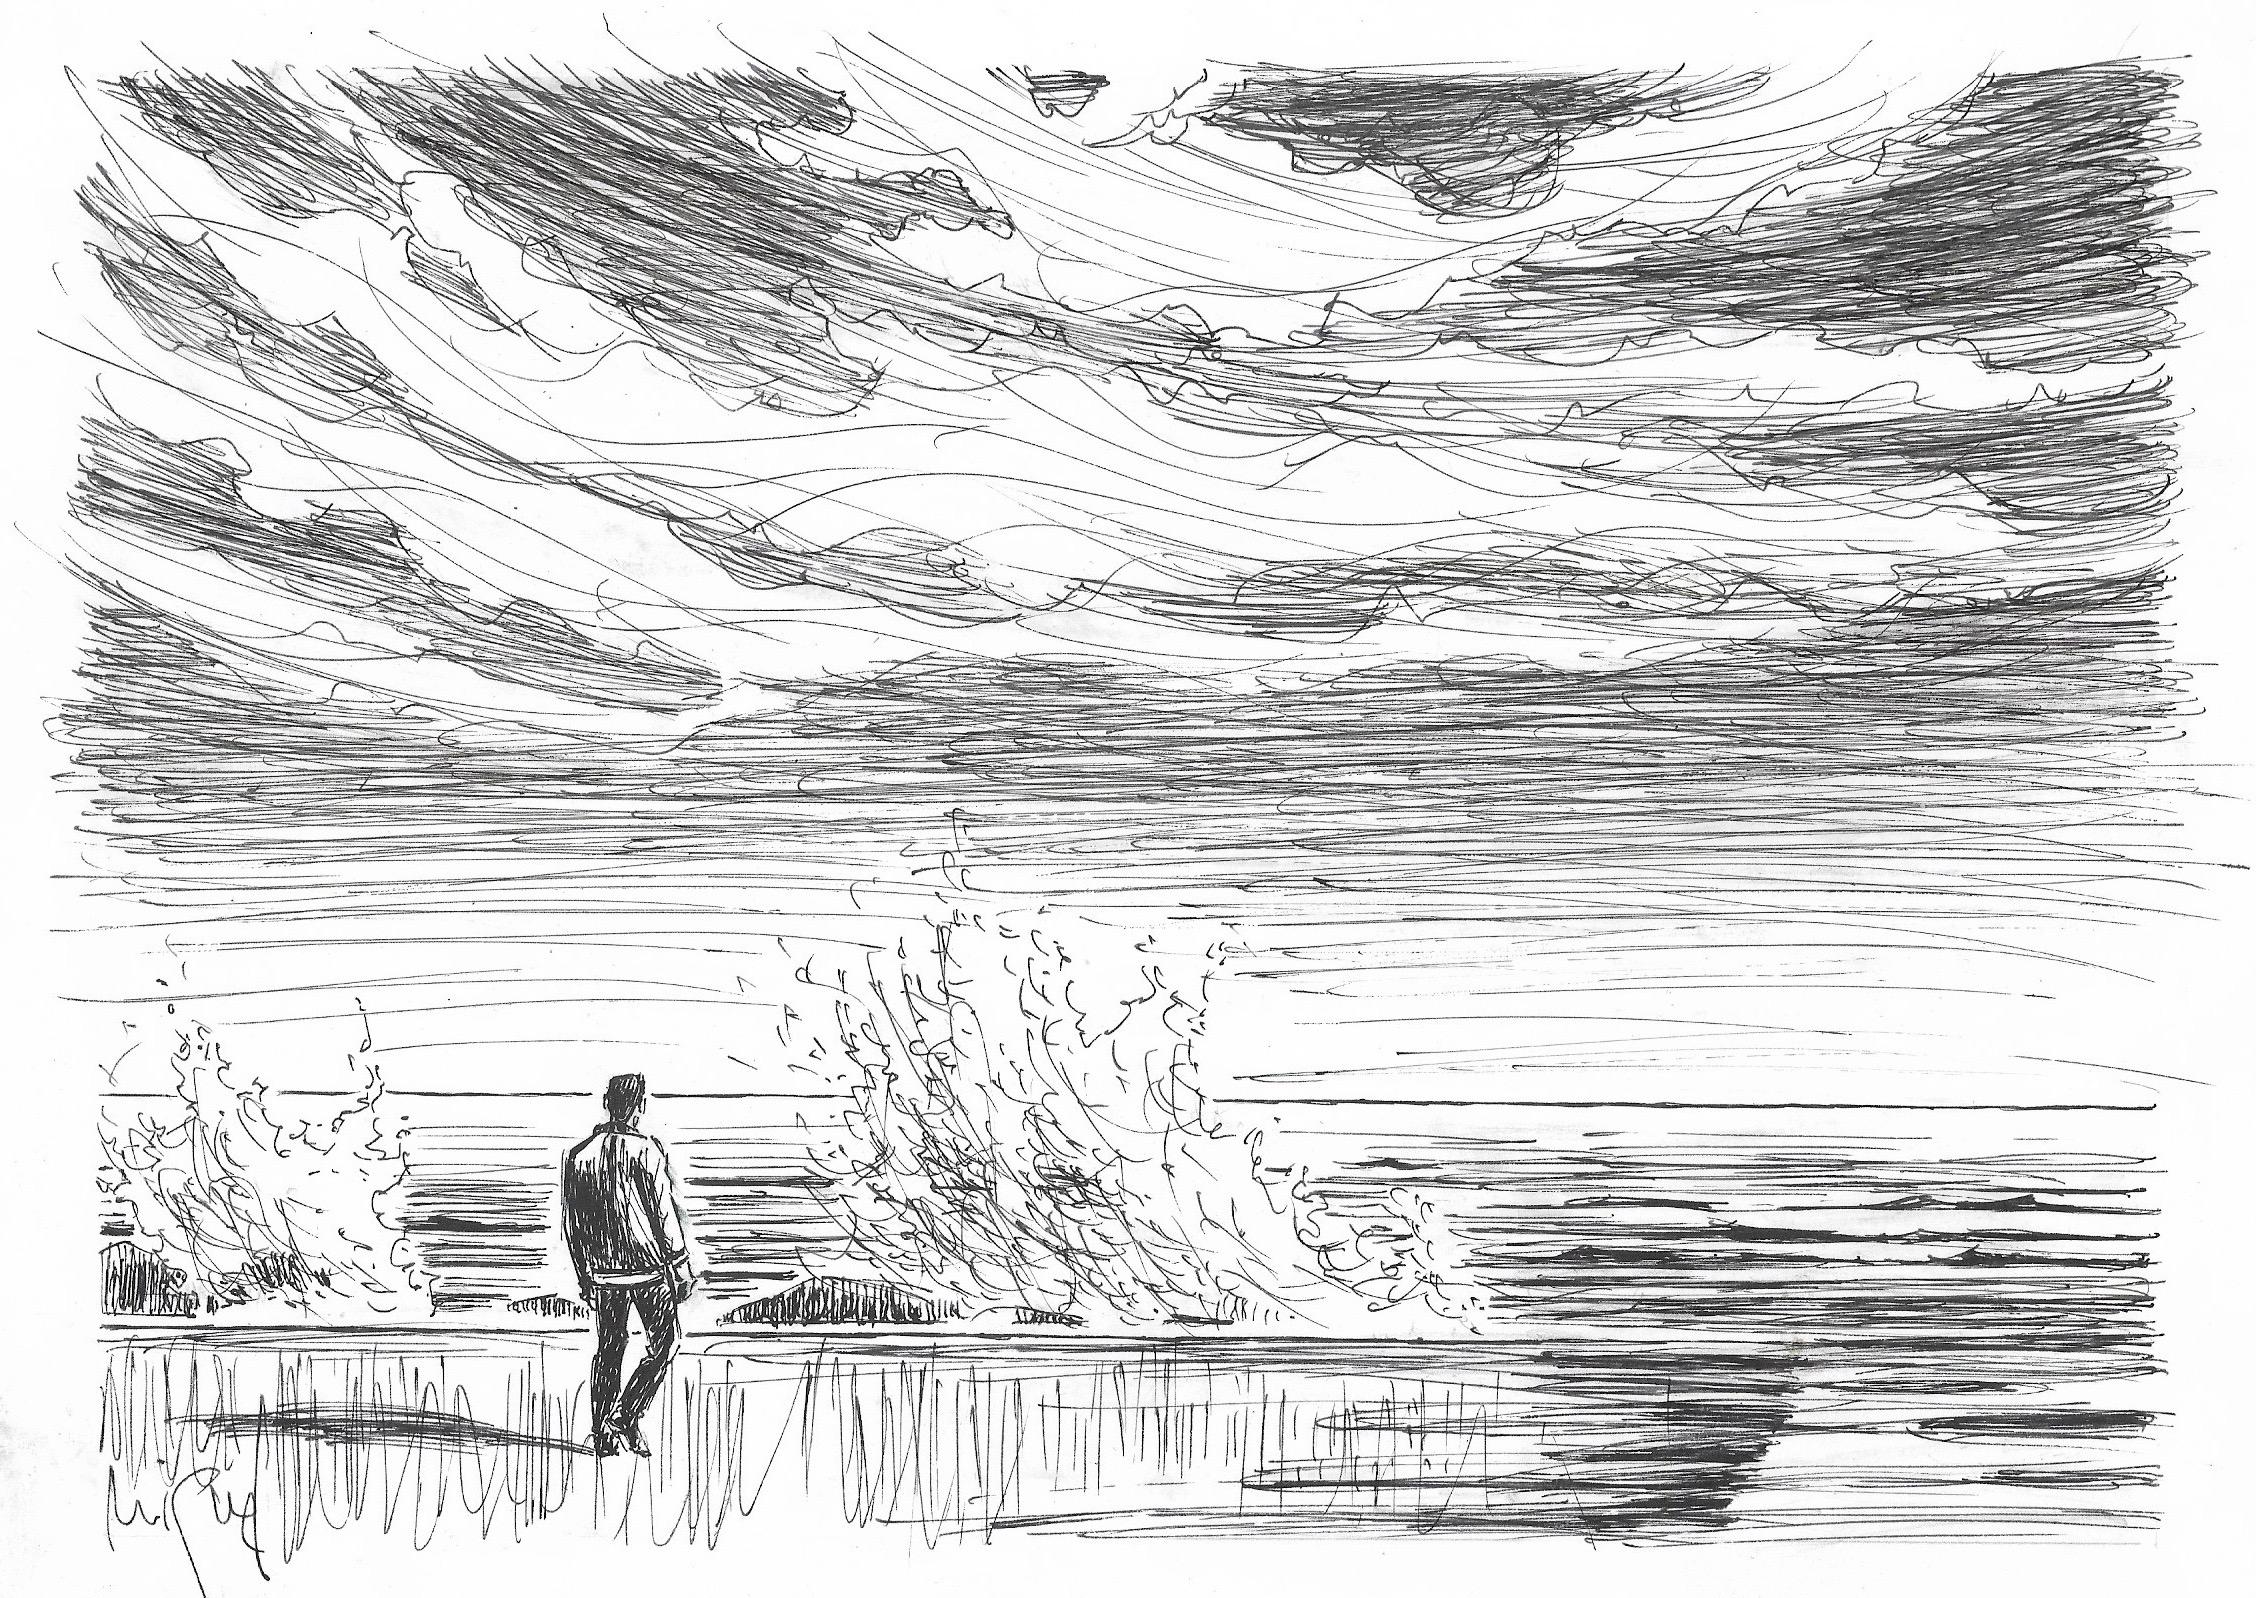 L'espigó, vist per l'artista Miquel Fuster